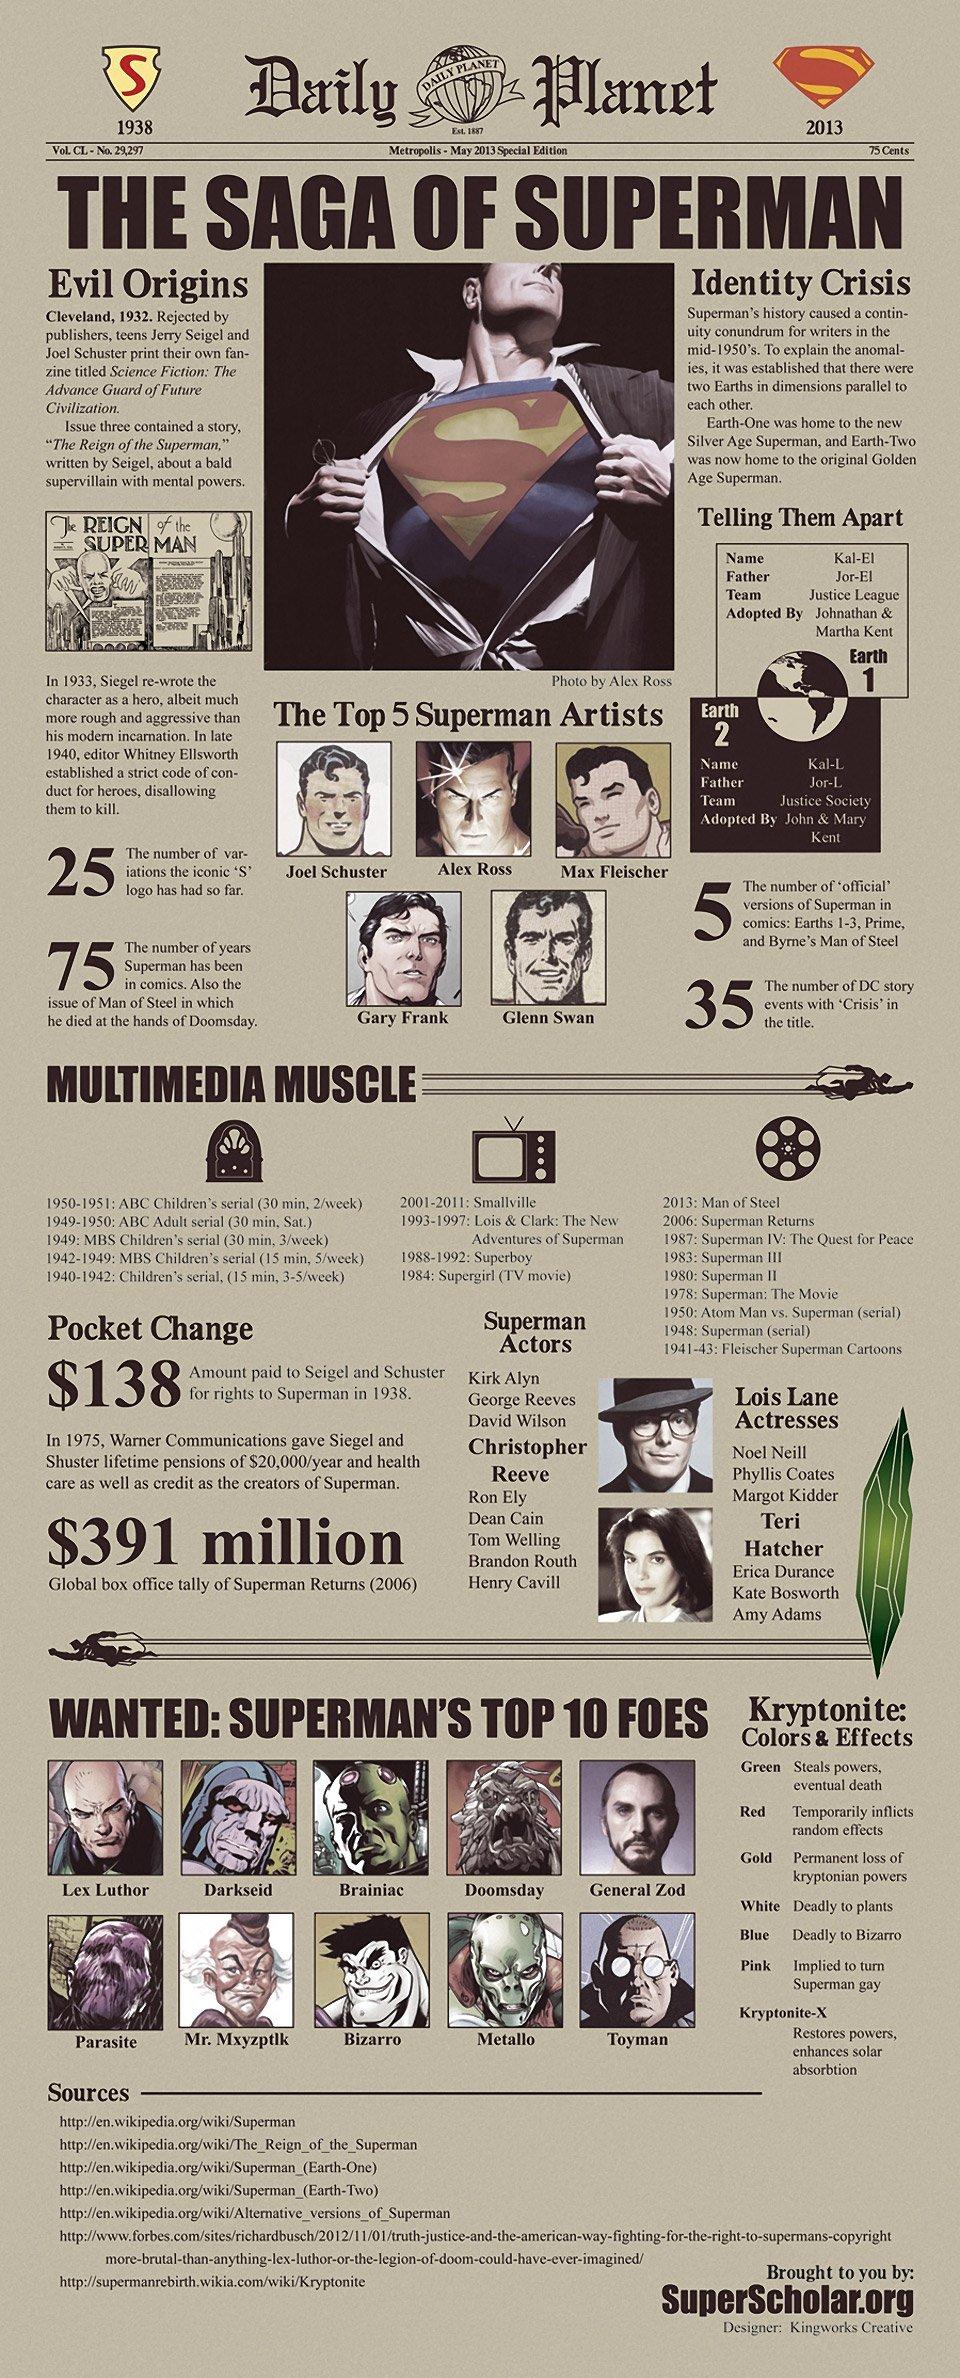 Infographic: The Saga of Superman